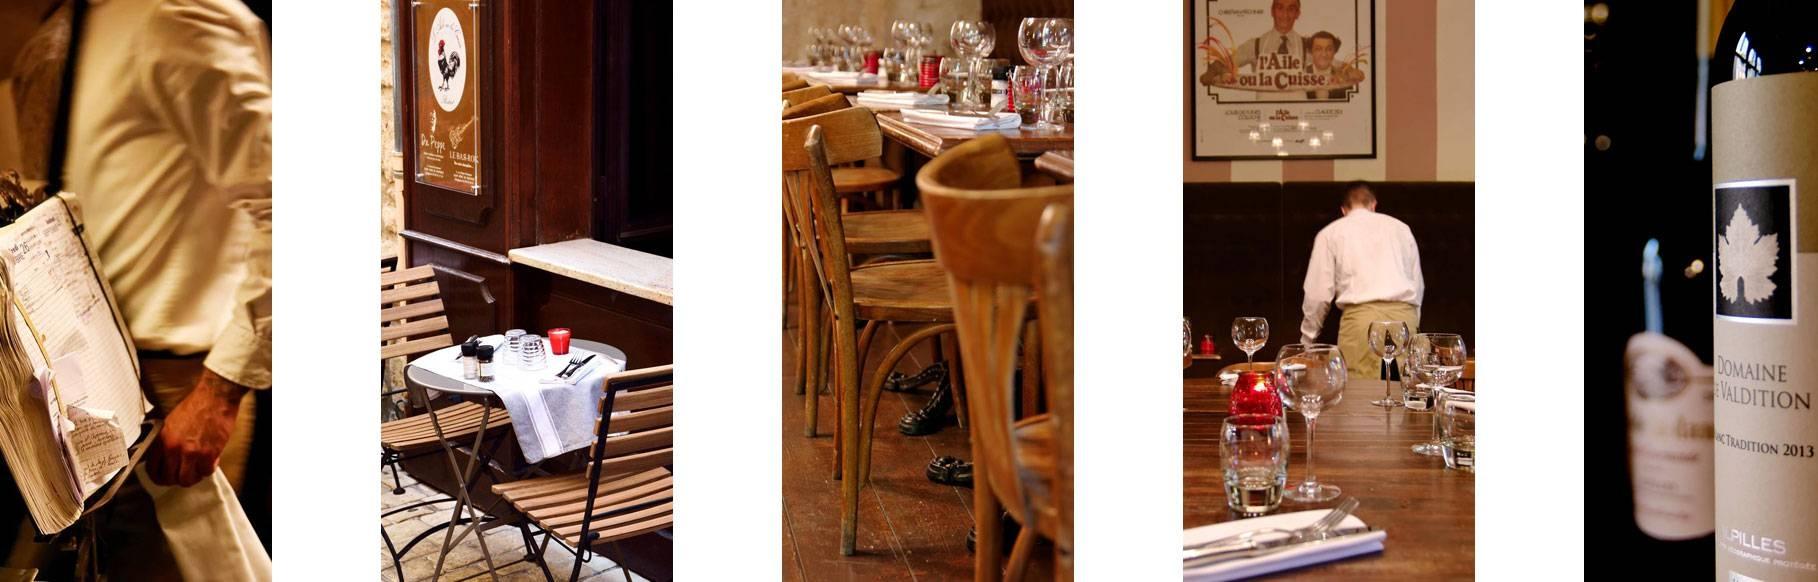 L'aile ou la Cuisse - Saint-Remy-de-Provence